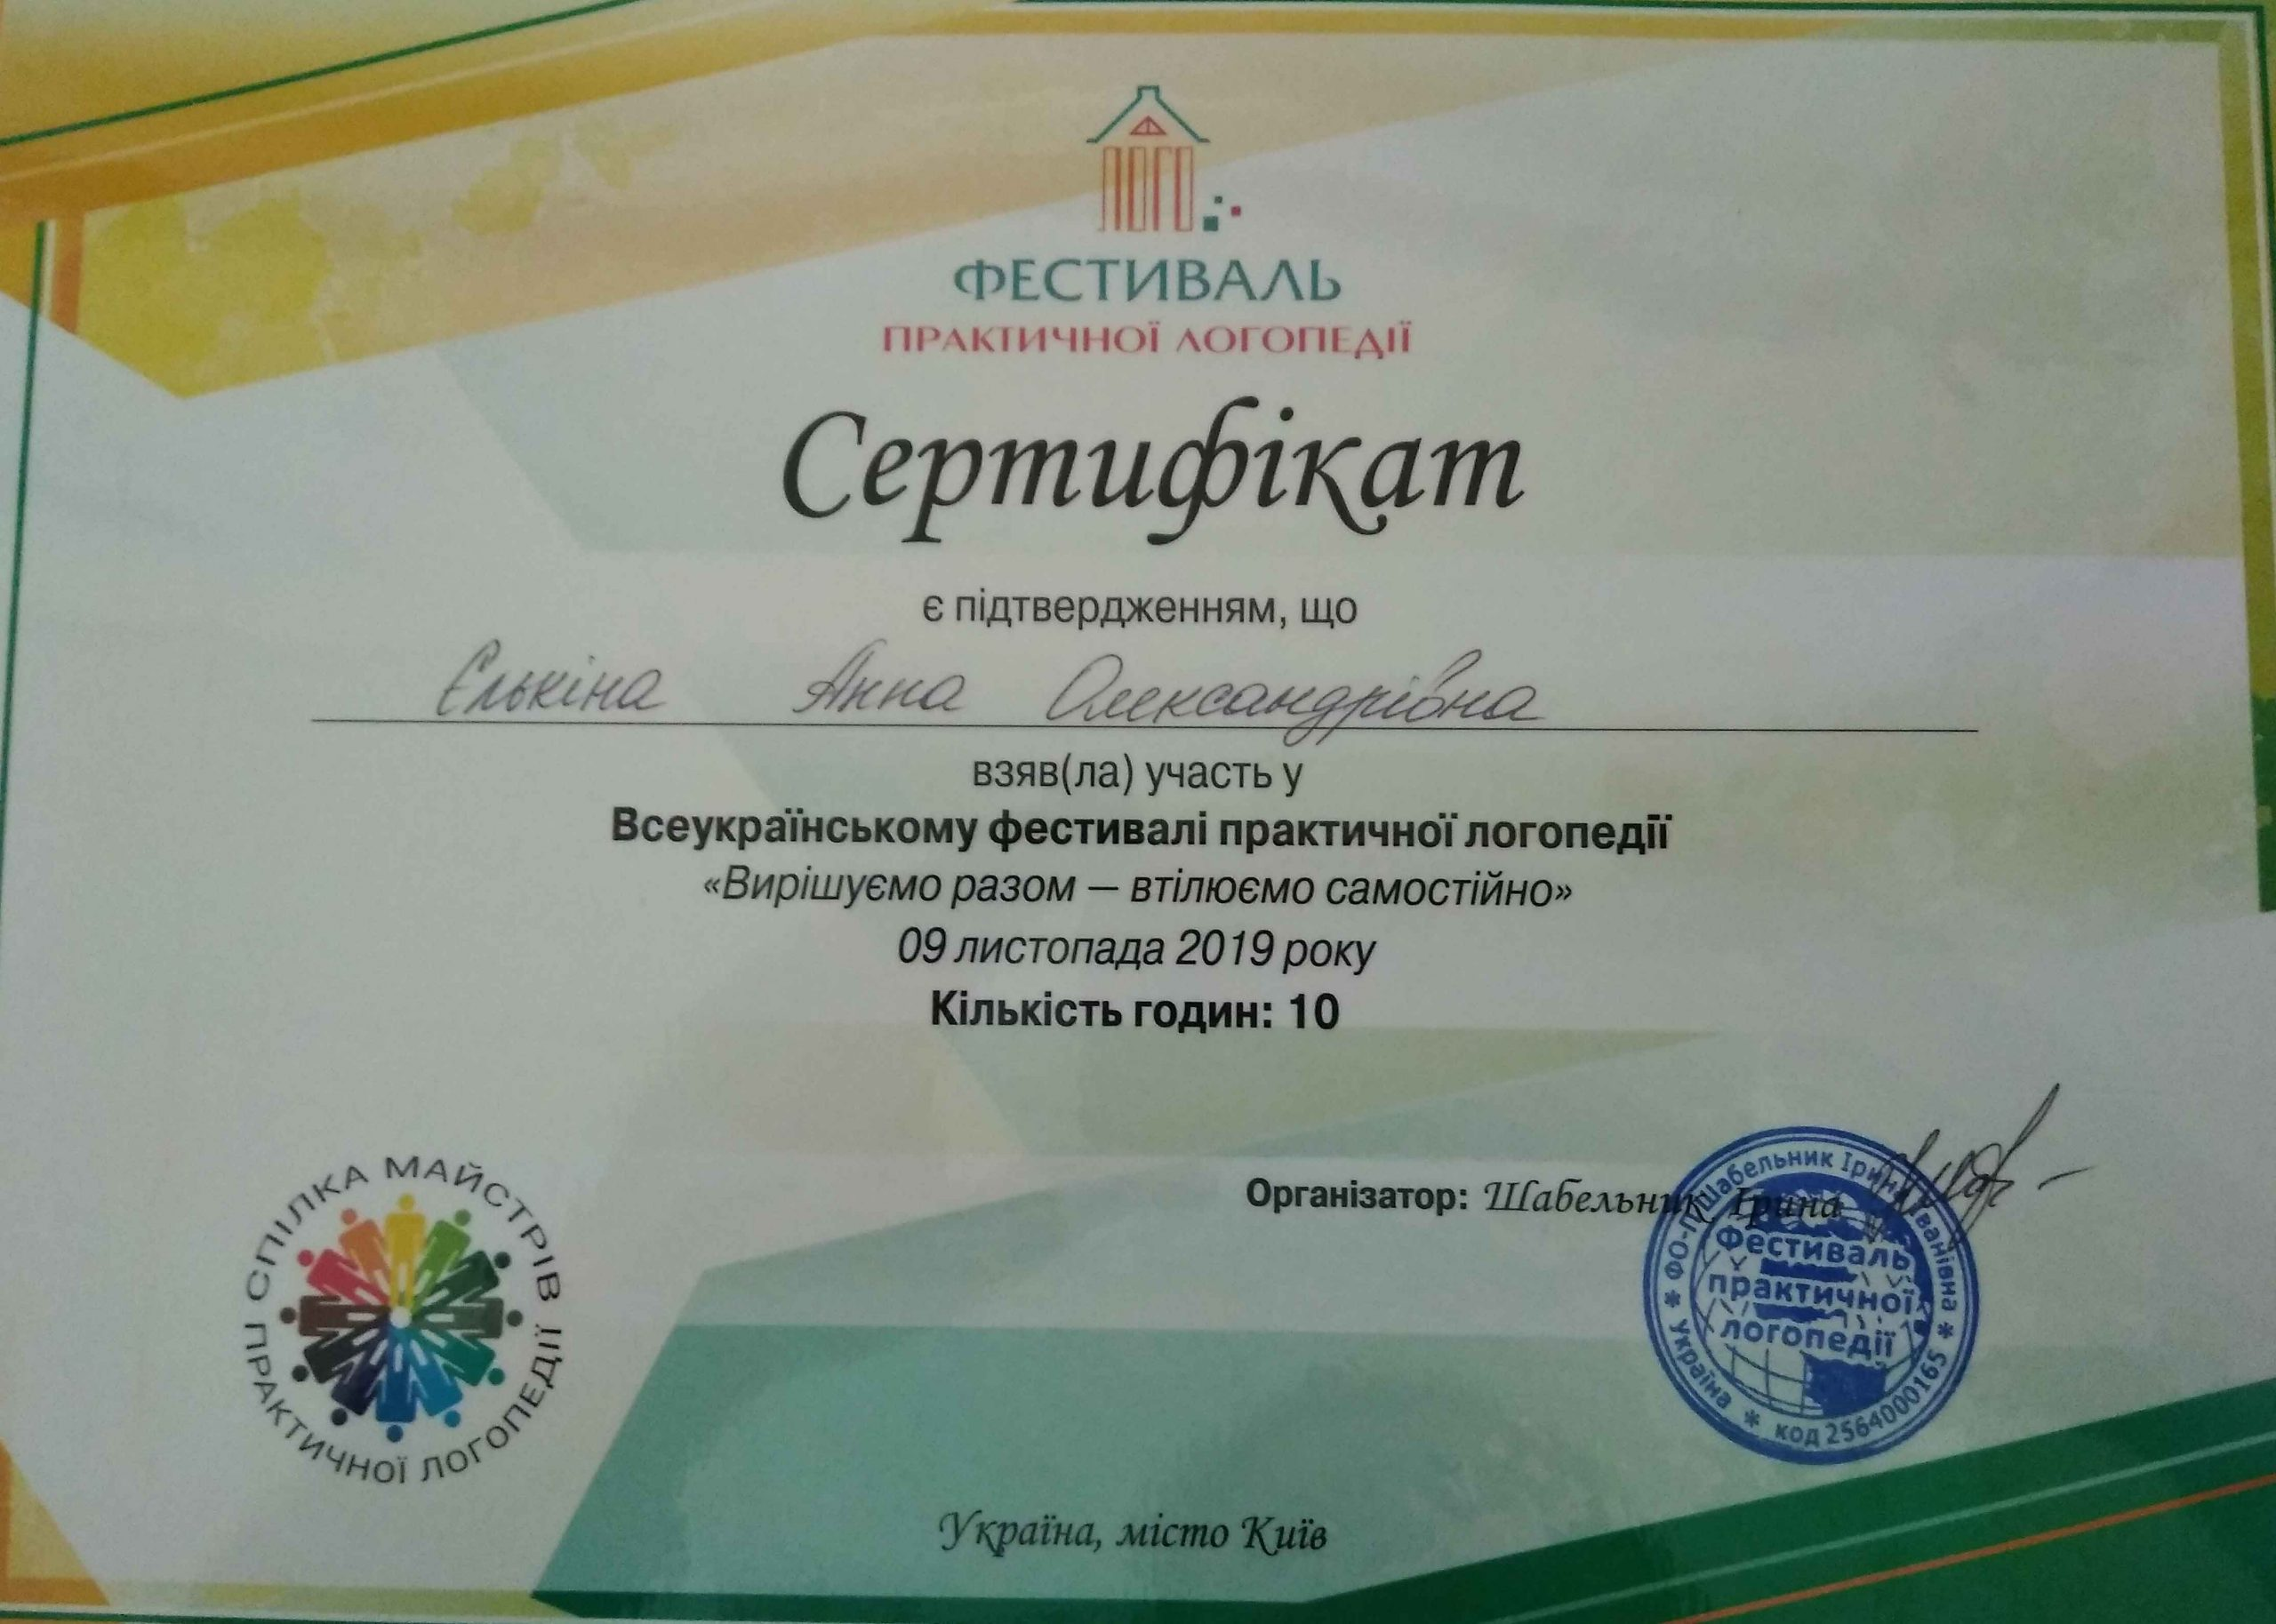 Всеукраїнський фестиваль практичної логопедії